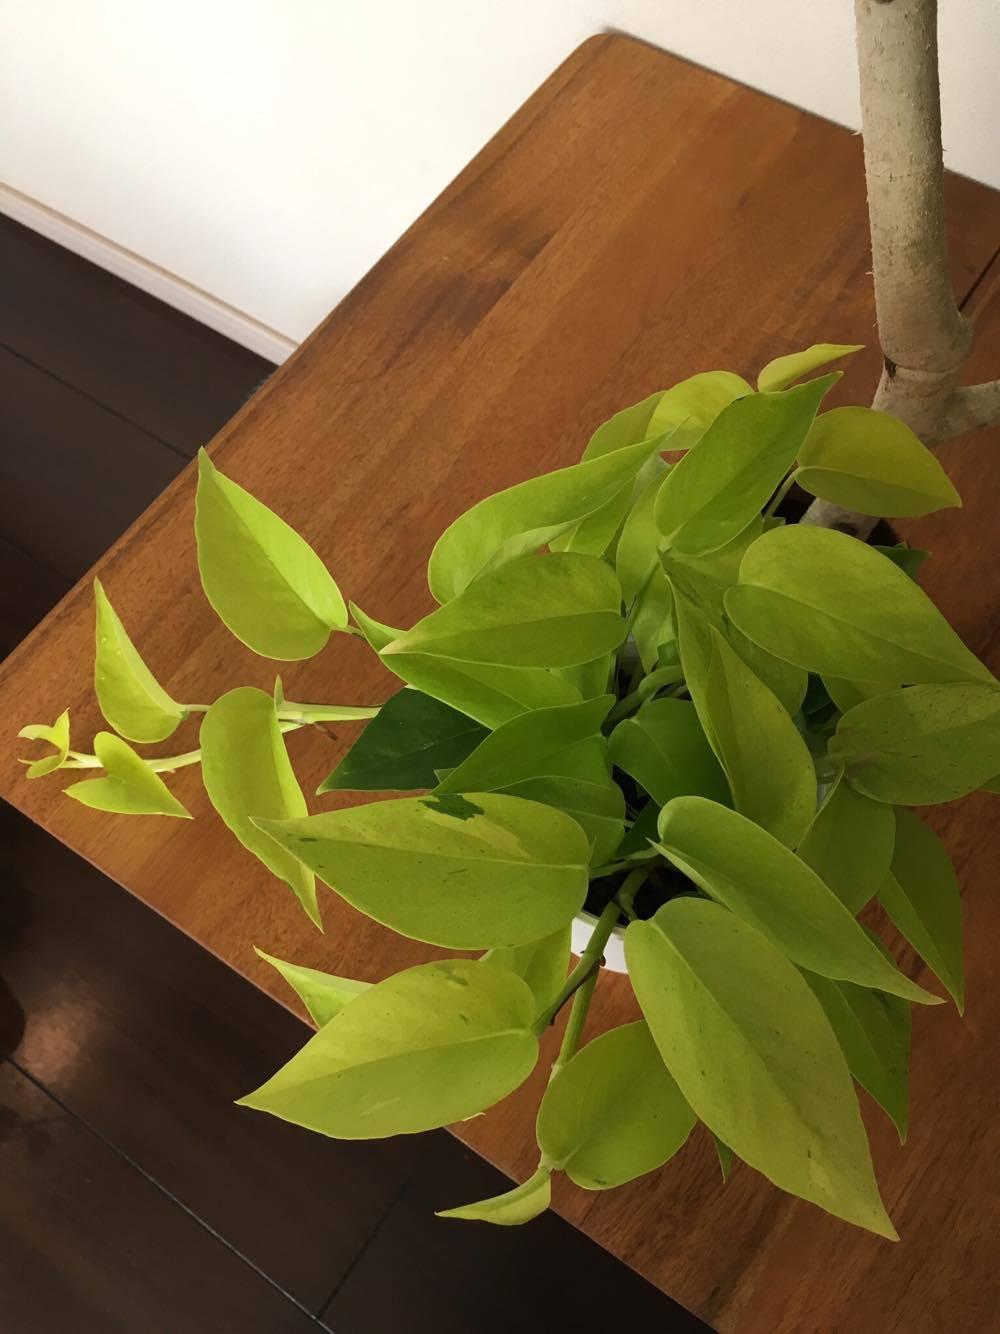 ポトスといえば、定番の観葉植物ですよね。初心者でも育てやすく、どんどん品種が増えて、新しい魅力的な品種も開発されているので、ベテランの園芸家も楽しめる植物です。仕立て方も、ハンギングで上から垂らしたり、逆にヘゴ仕立てなどで上に這わせていくなど、変化も楽しめますし、切って水に挿しておけば簡単に発根するといった楽しみもあります。もっとも飽きのこない観葉植物と言っていいでしょう。